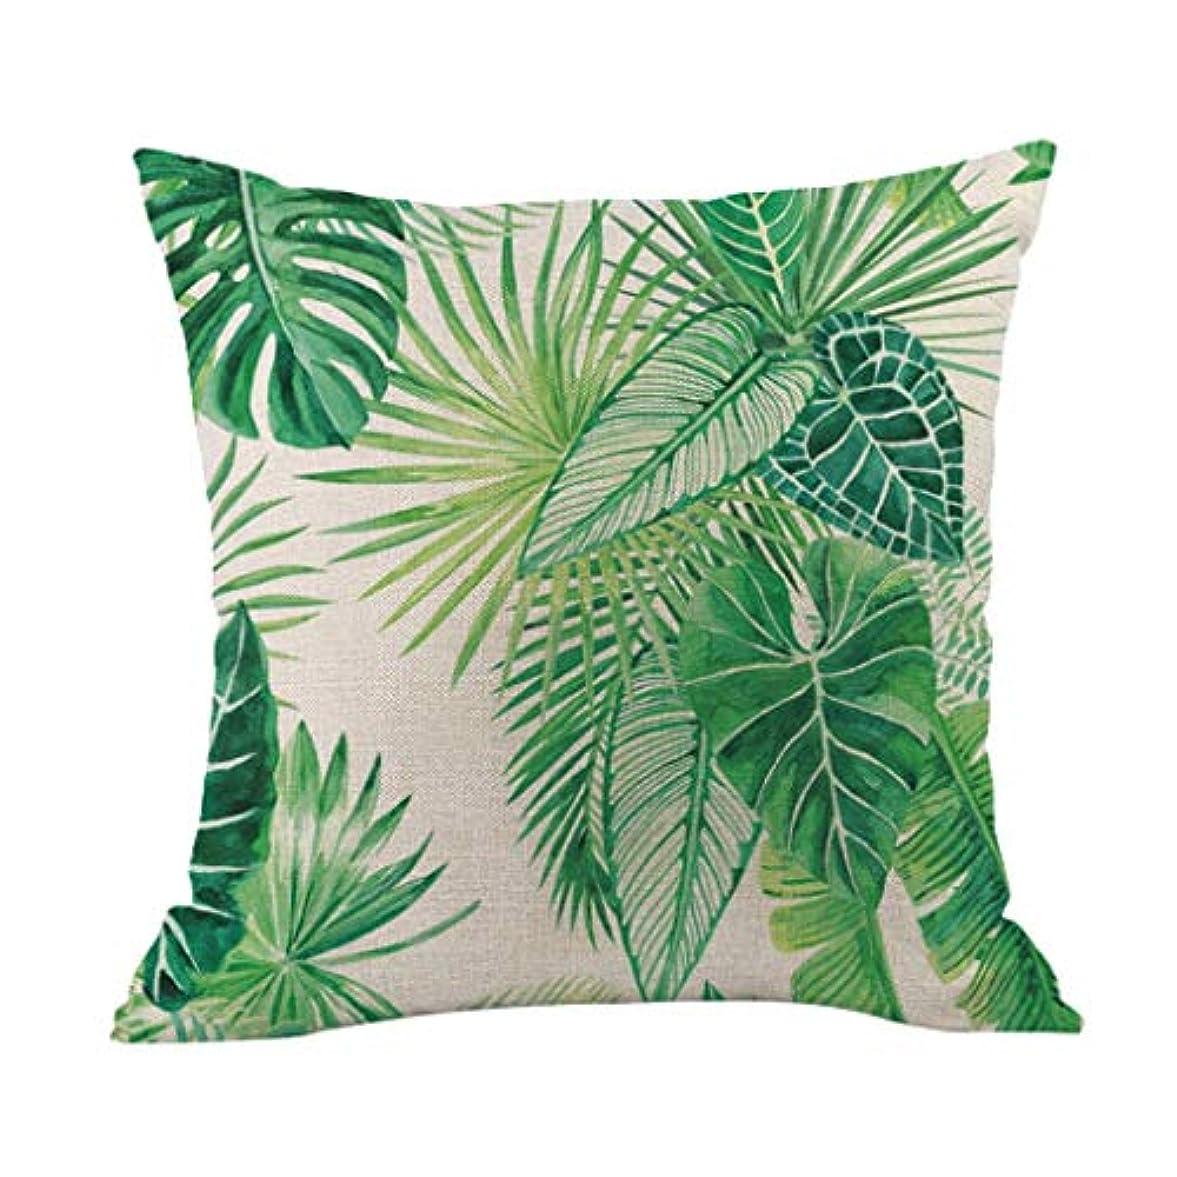 春確率くつろぎLIFE 高品質クッション熱帯植物ポリエステル枕ソファ投げるパッドセットホーム人格クッション coussin decoratif クッション 椅子